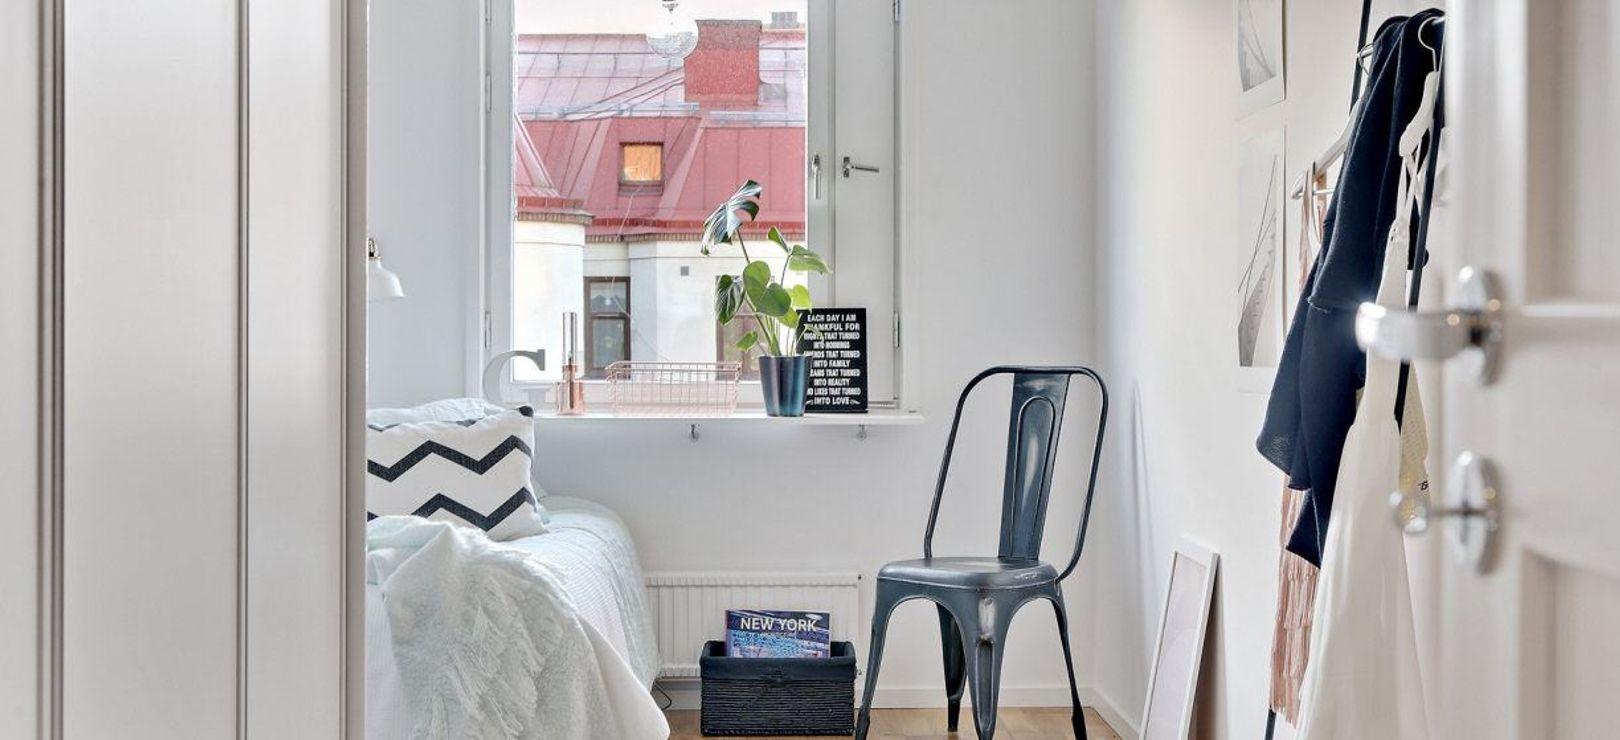 Stor lgenhet centralt i Gteborg - Apartments for Rent in